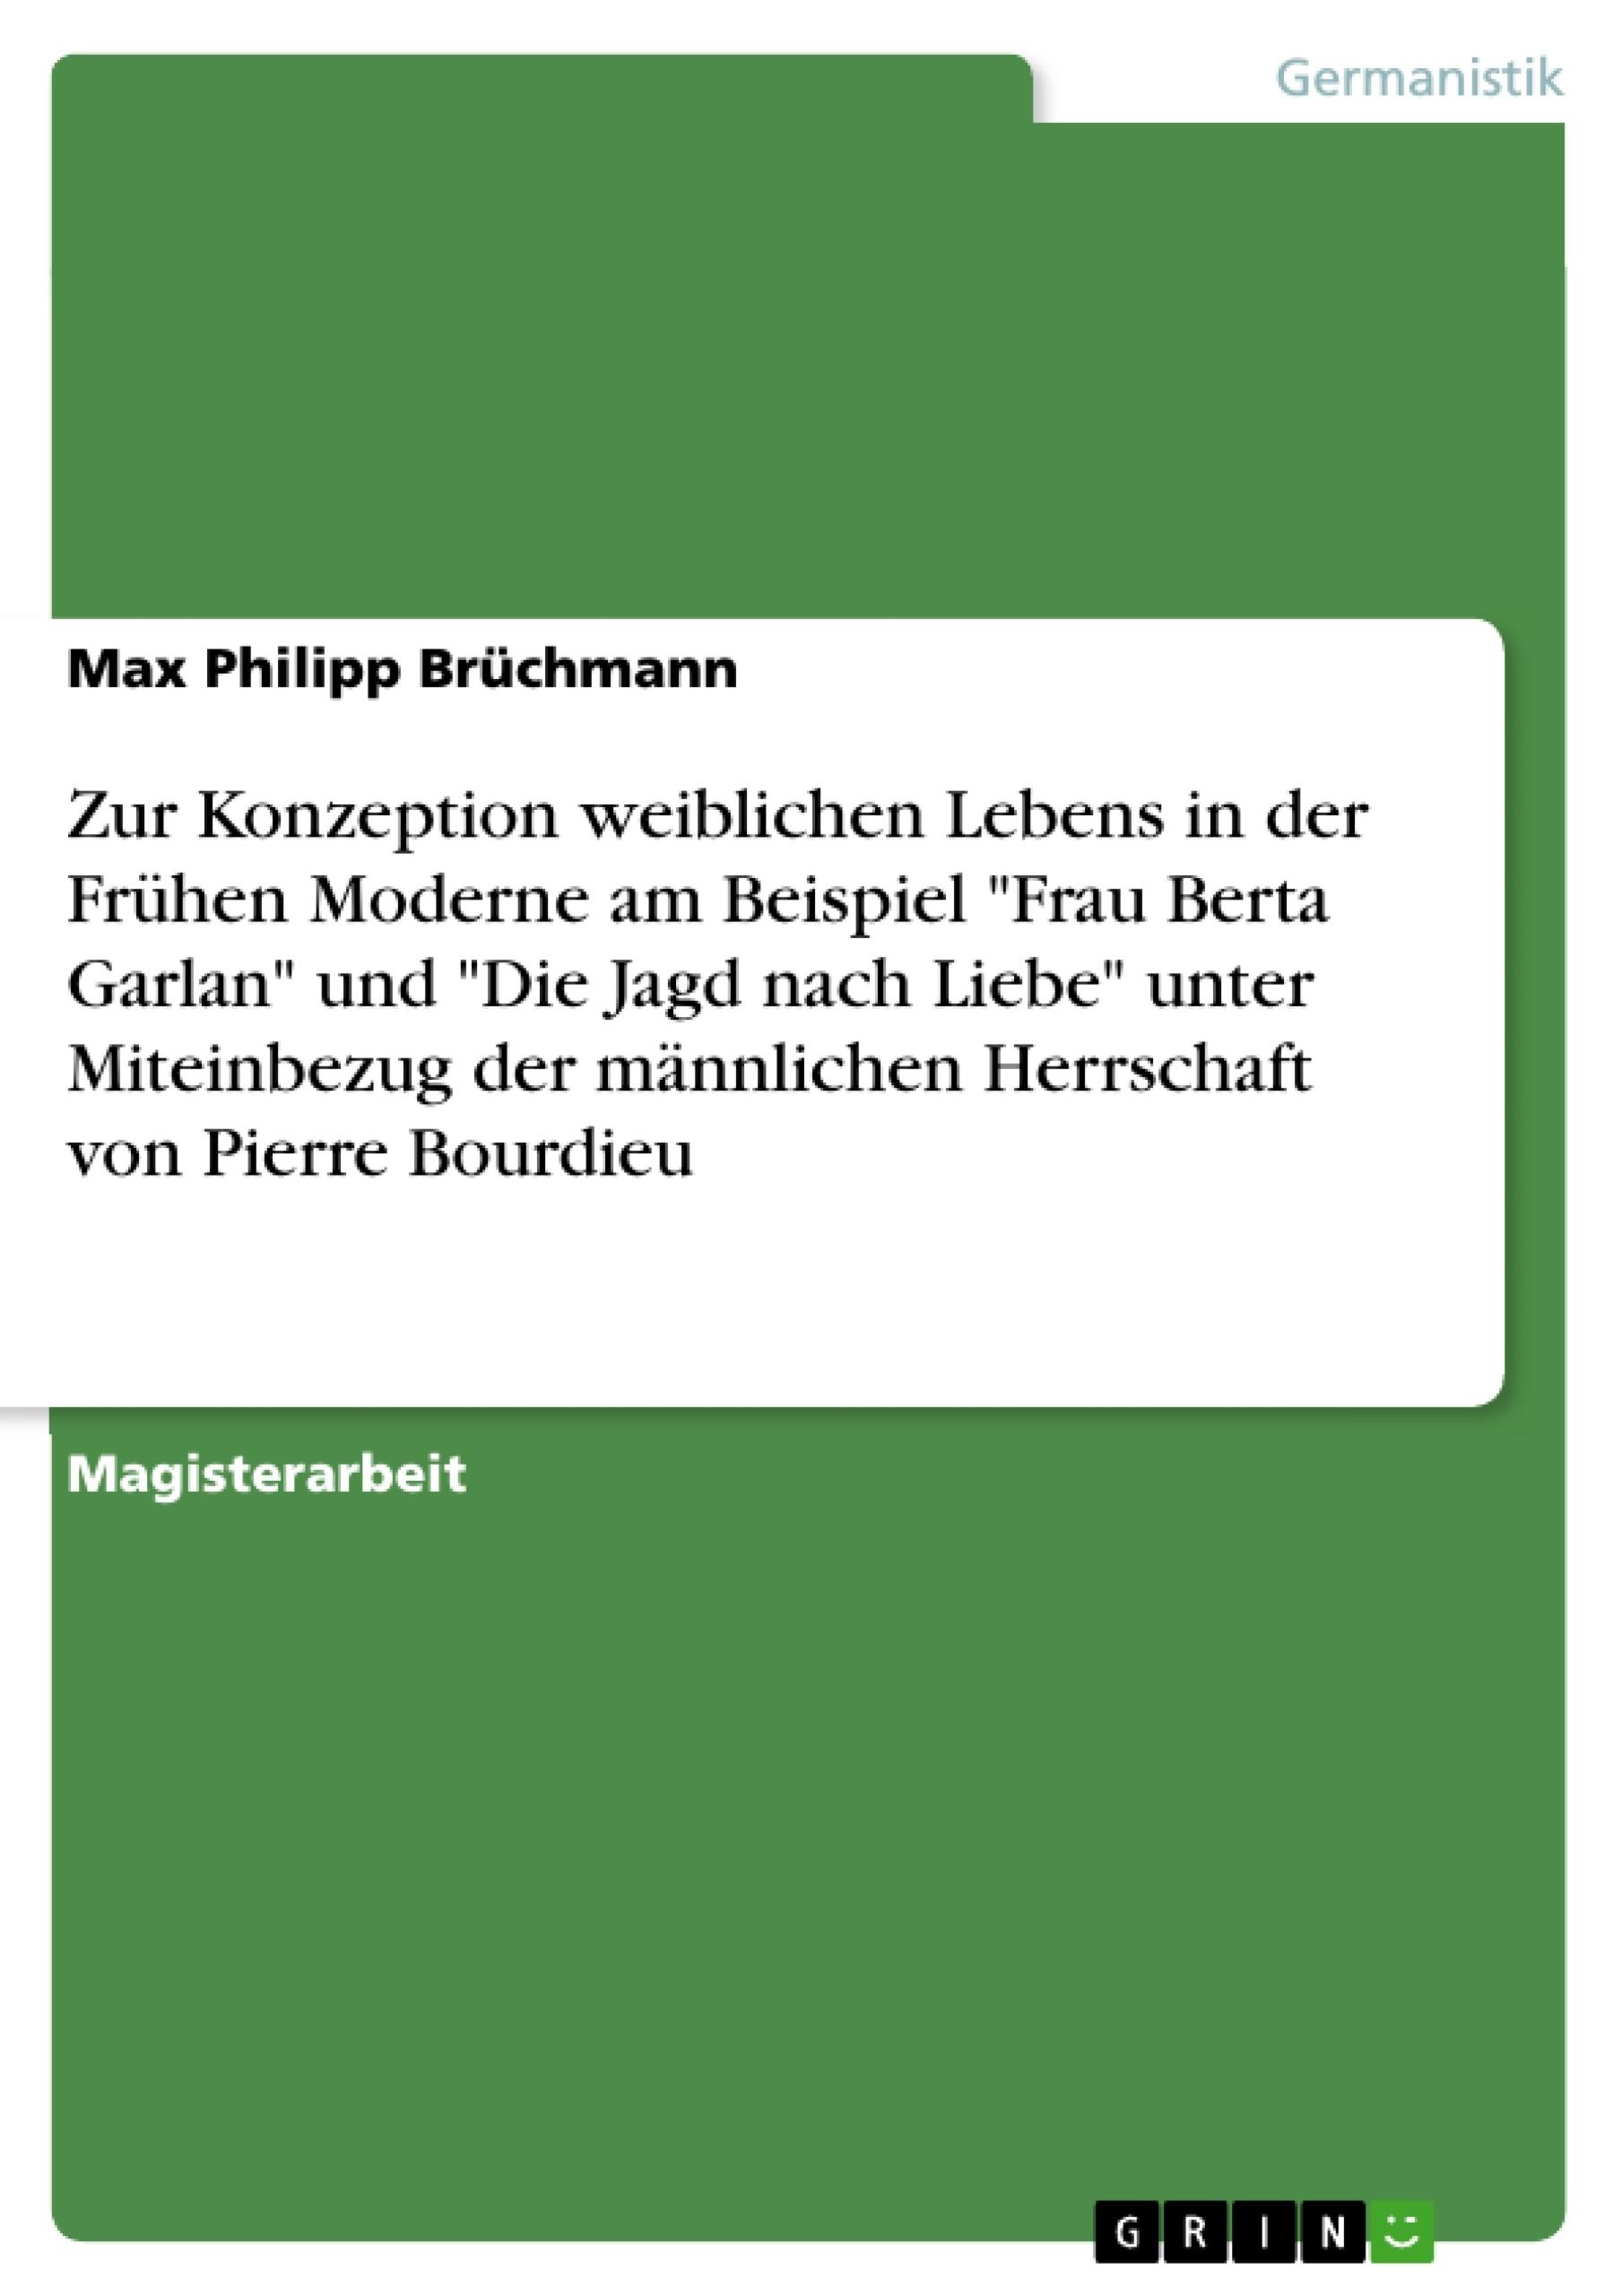 """Titel: Zur Konzeption weiblichen Lebens in der Frühen Moderne am Beispiel """"Frau Berta Garlan"""" und """"Die Jagd nach Liebe"""" unter Miteinbezug der männlichen Herrschaft von Pierre Bourdieu"""